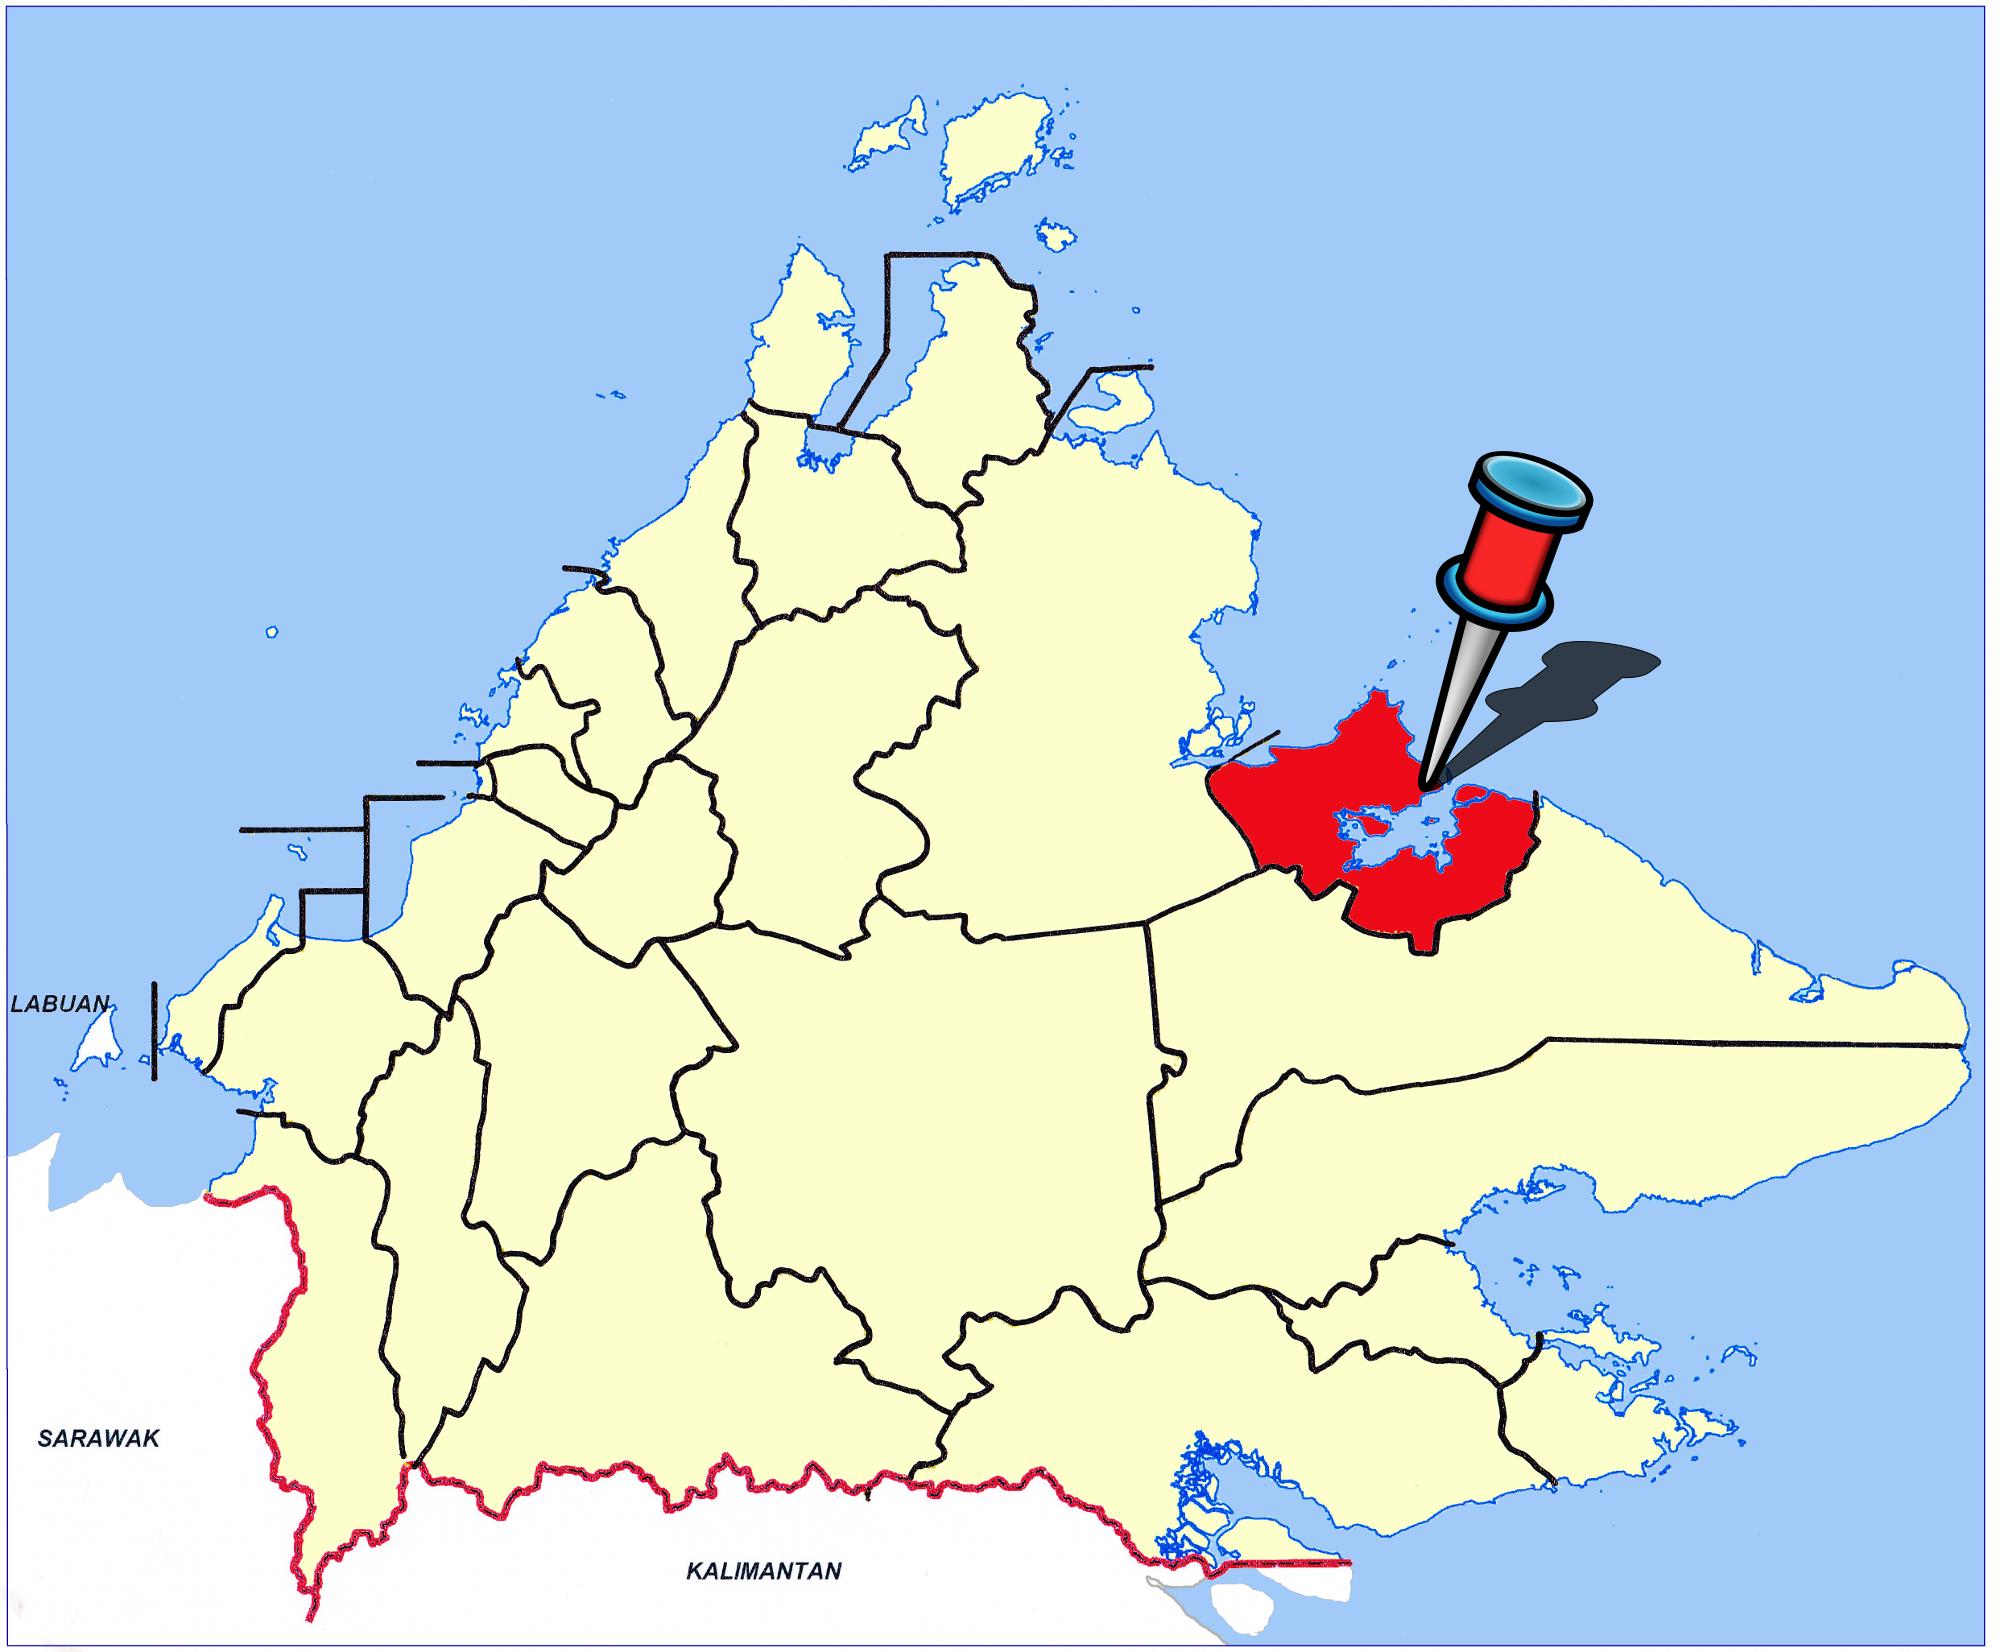 Sultan sulu kiram menyeru jin, iblis untuk menentang pasukan tentera malaysia di lahad datu